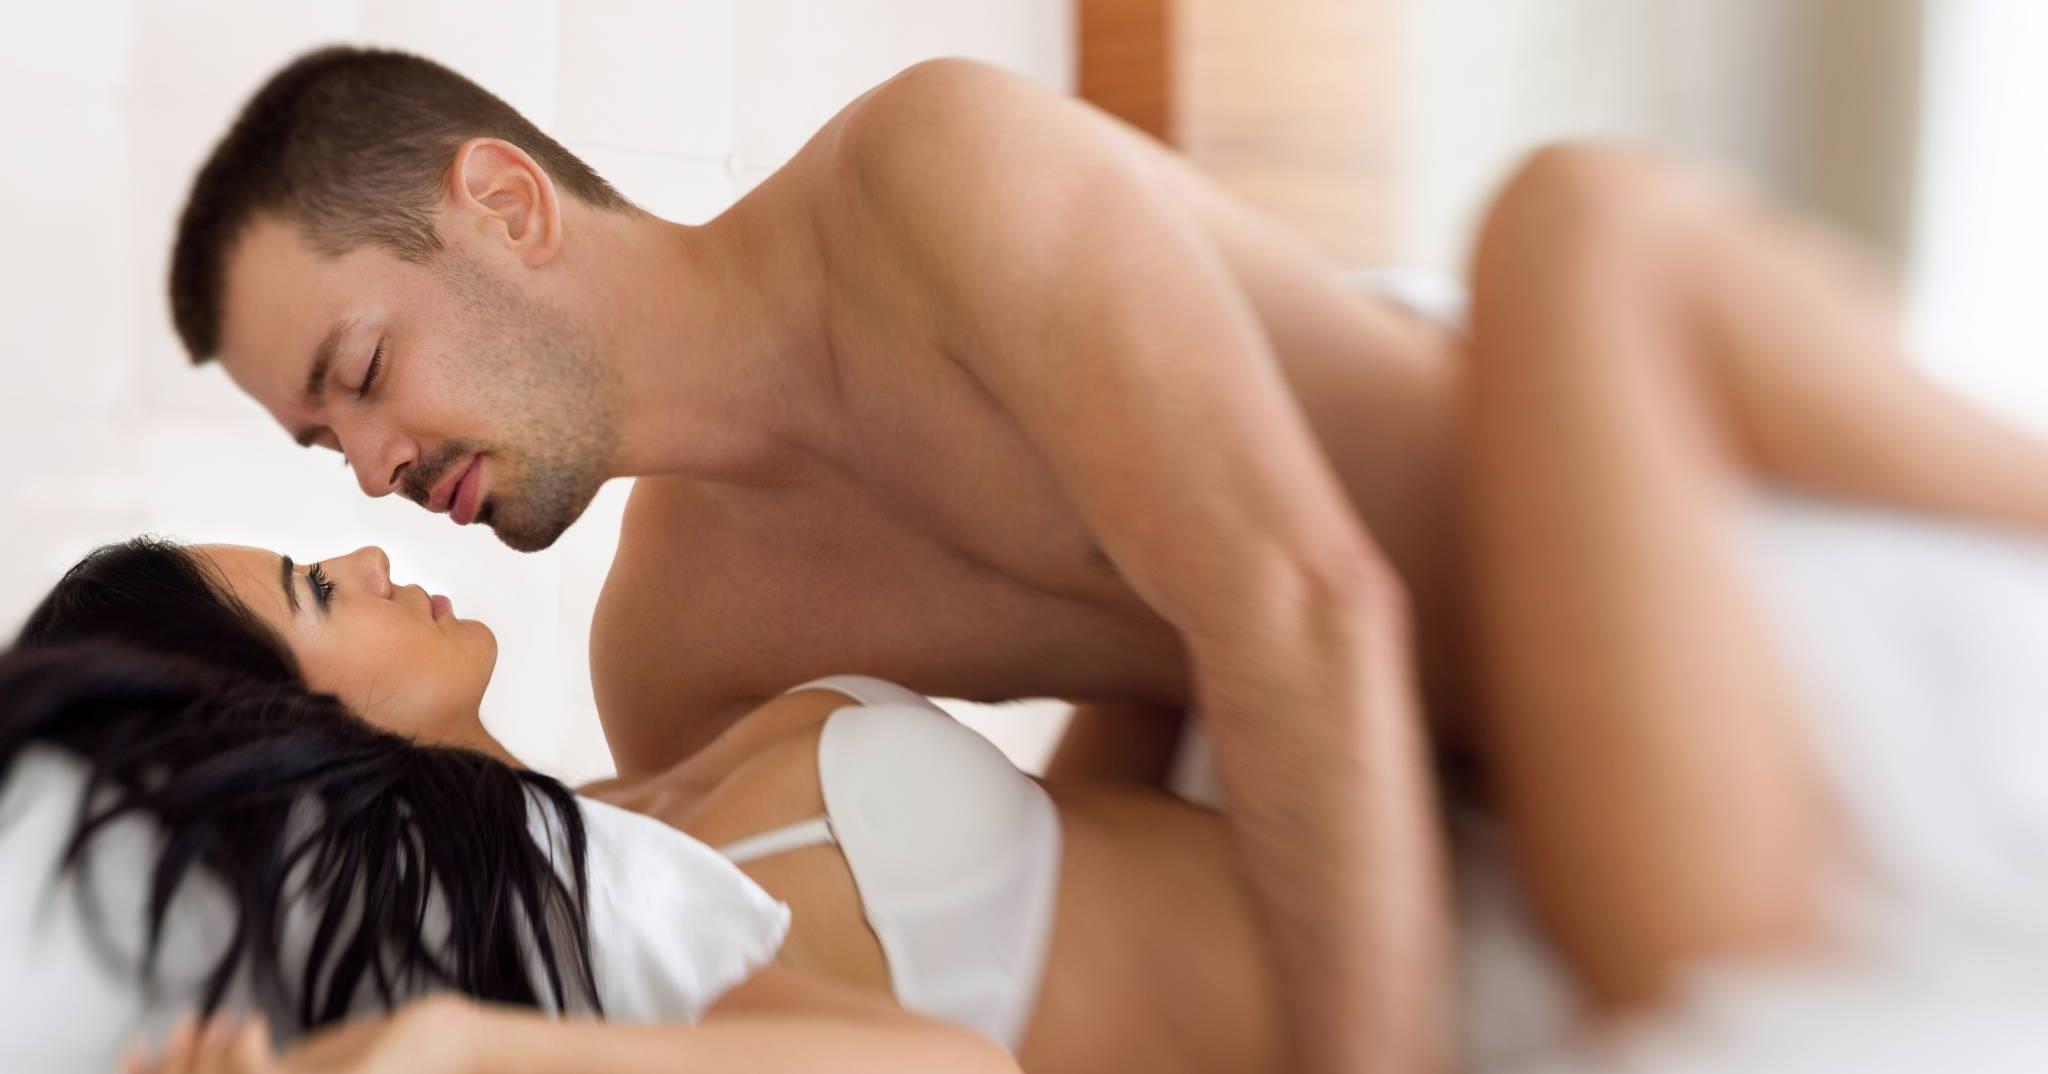 mi lehet ragacsos pénisz a férfiaknál)